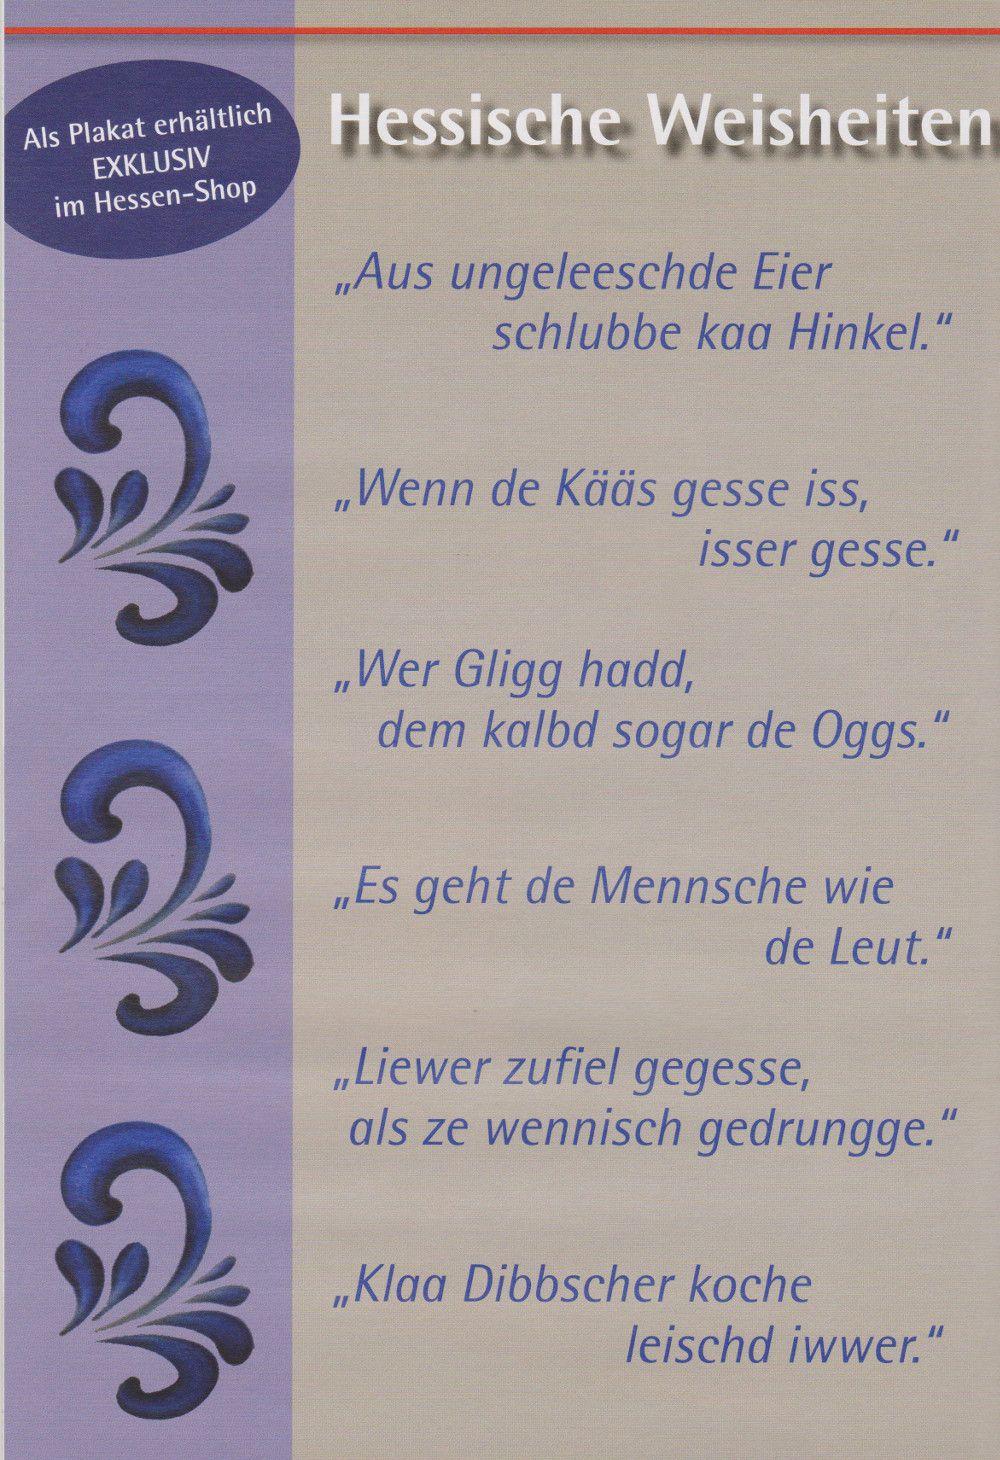 Hessische lustige gedichte